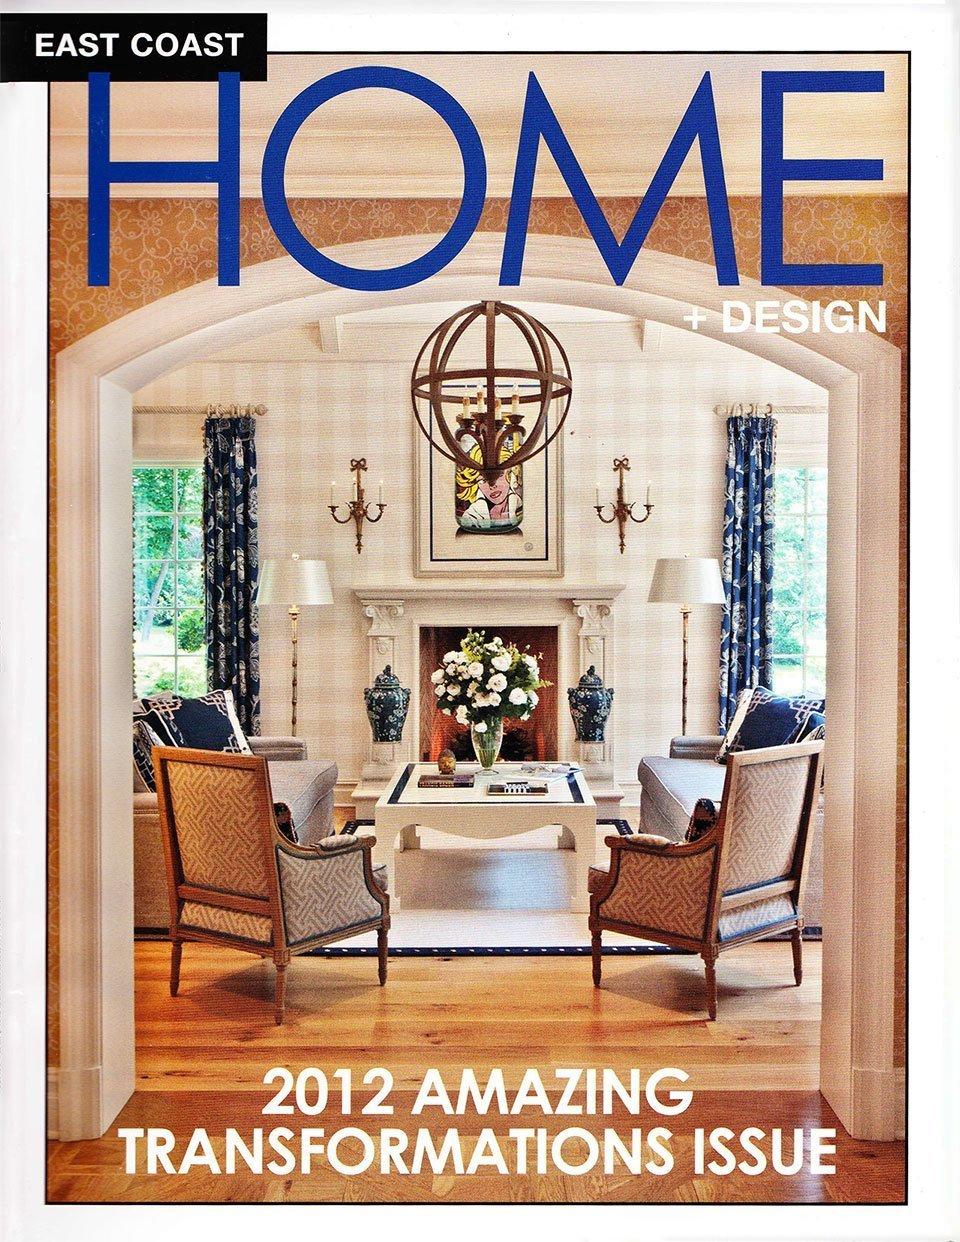 2012 East Coast Home & Design Cover